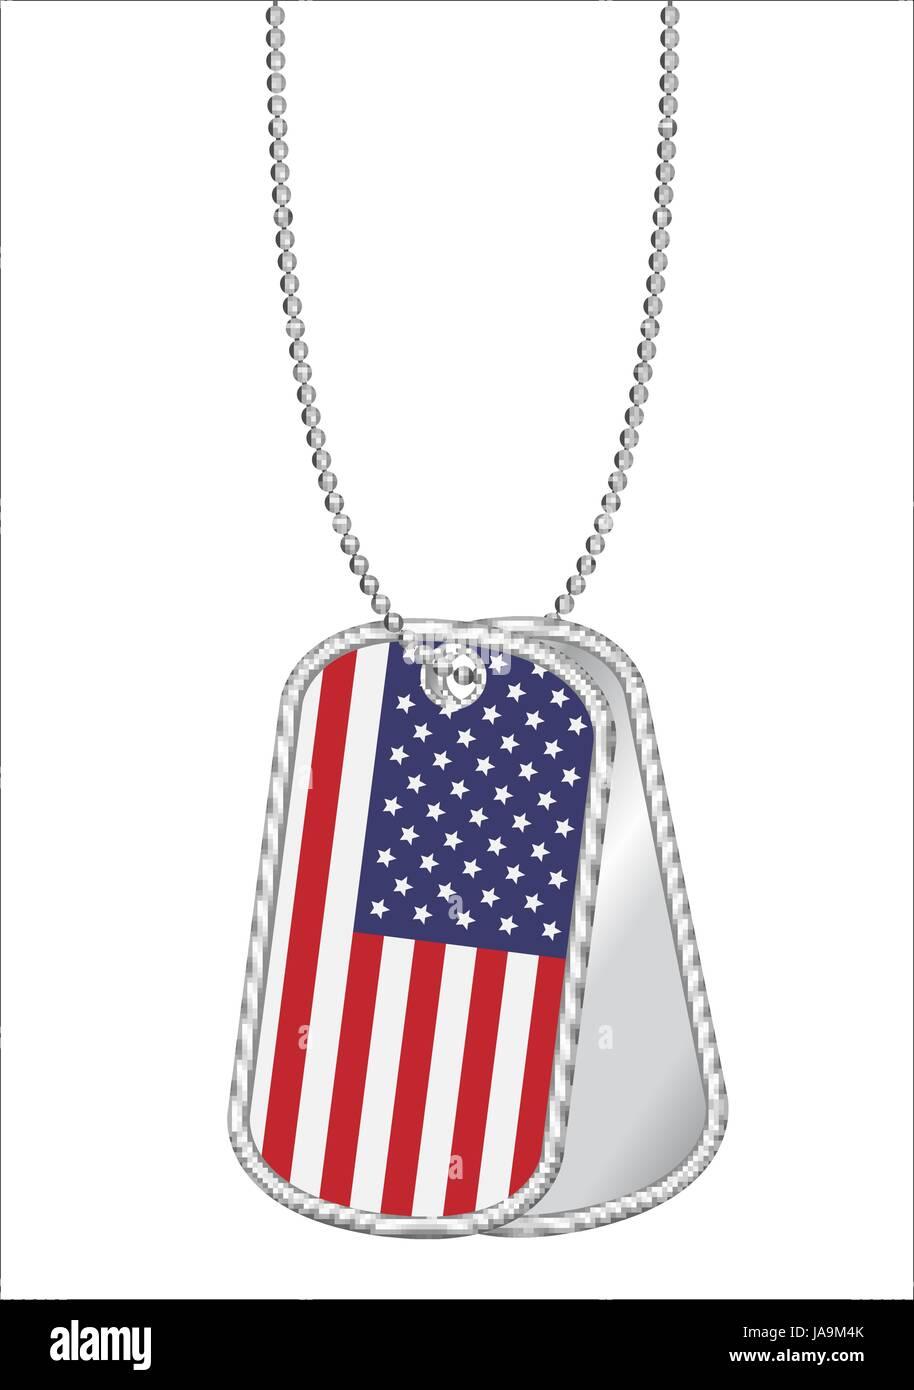 Vereinigte Staaten von Amerika Flagge auf einem Stahl Hundemarke ...